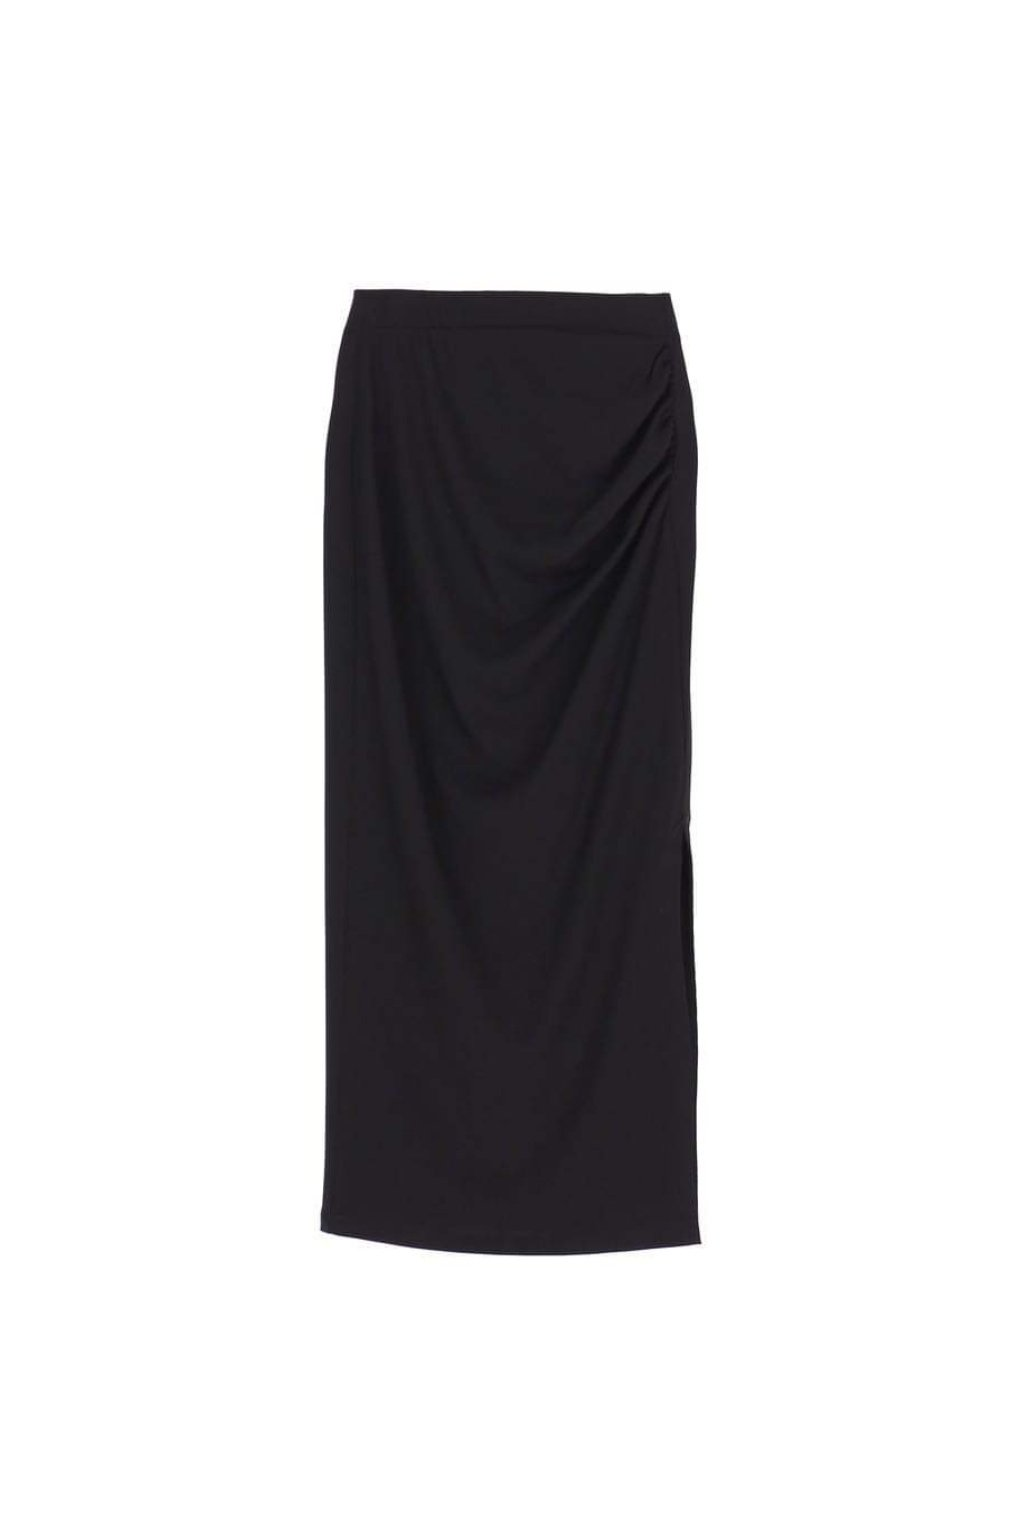 Midi sukňa s vyšším pásom čierna